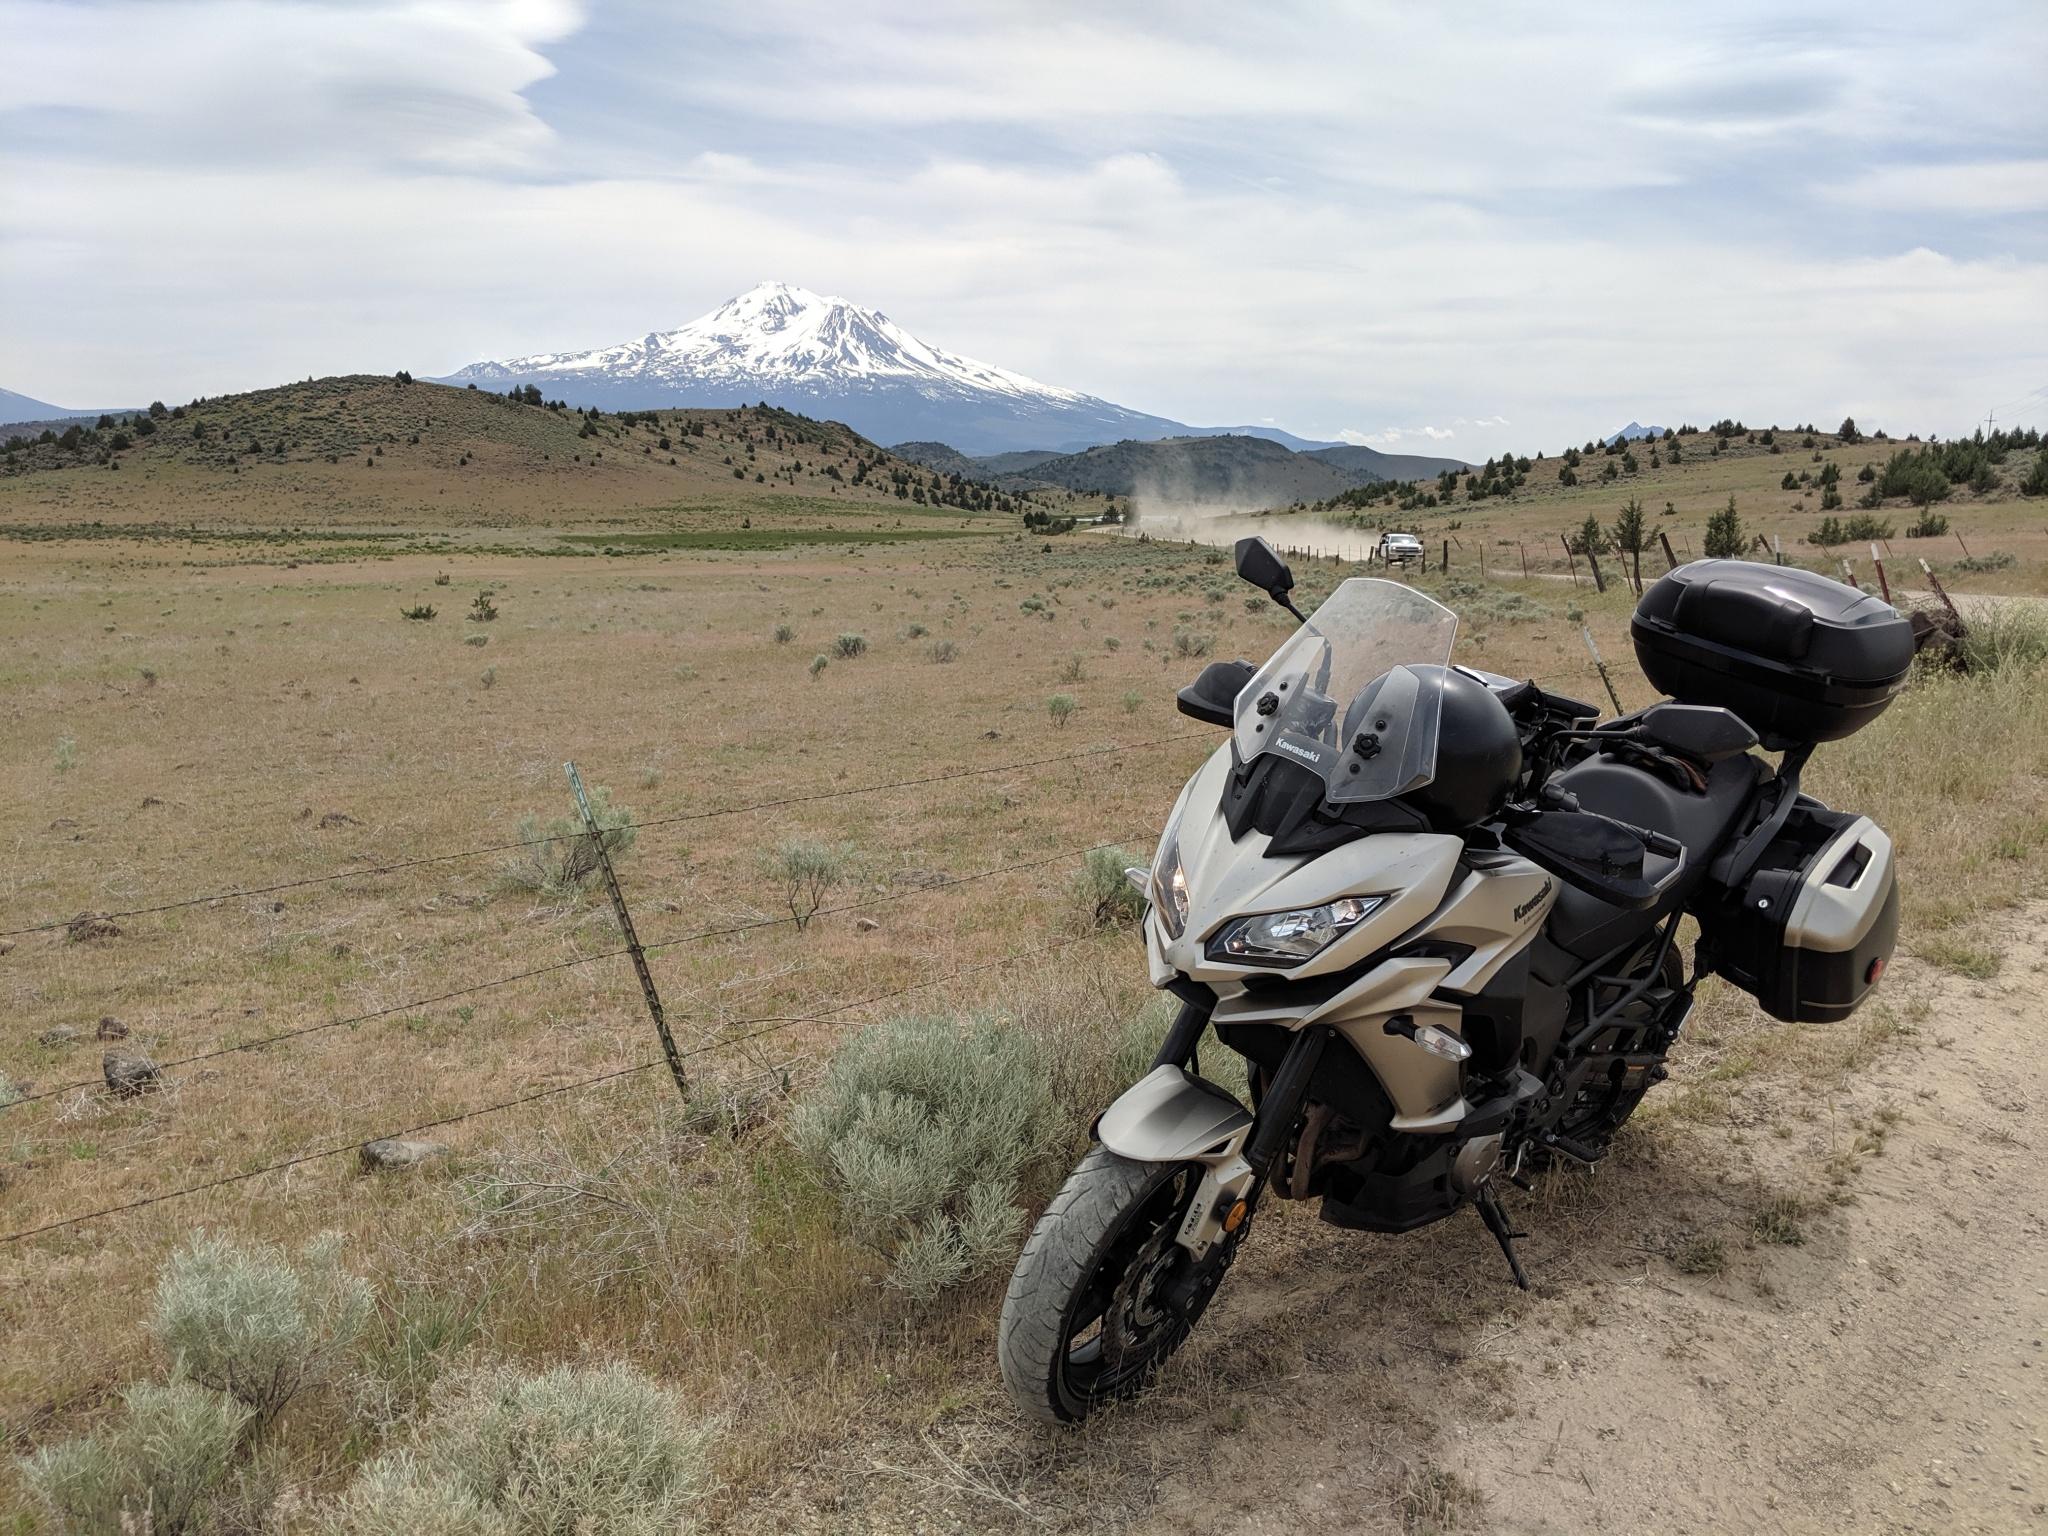 Dopo lunghi km in sella alla Kawasaki Versys, mi avvicino al Mt Shasta, sullo sfondo. Shasta e' un grande vulcano potenzialmente attivo. Il Mount Shasta raggiunge un'altitudine di 4321 metri (14,179 piedi).